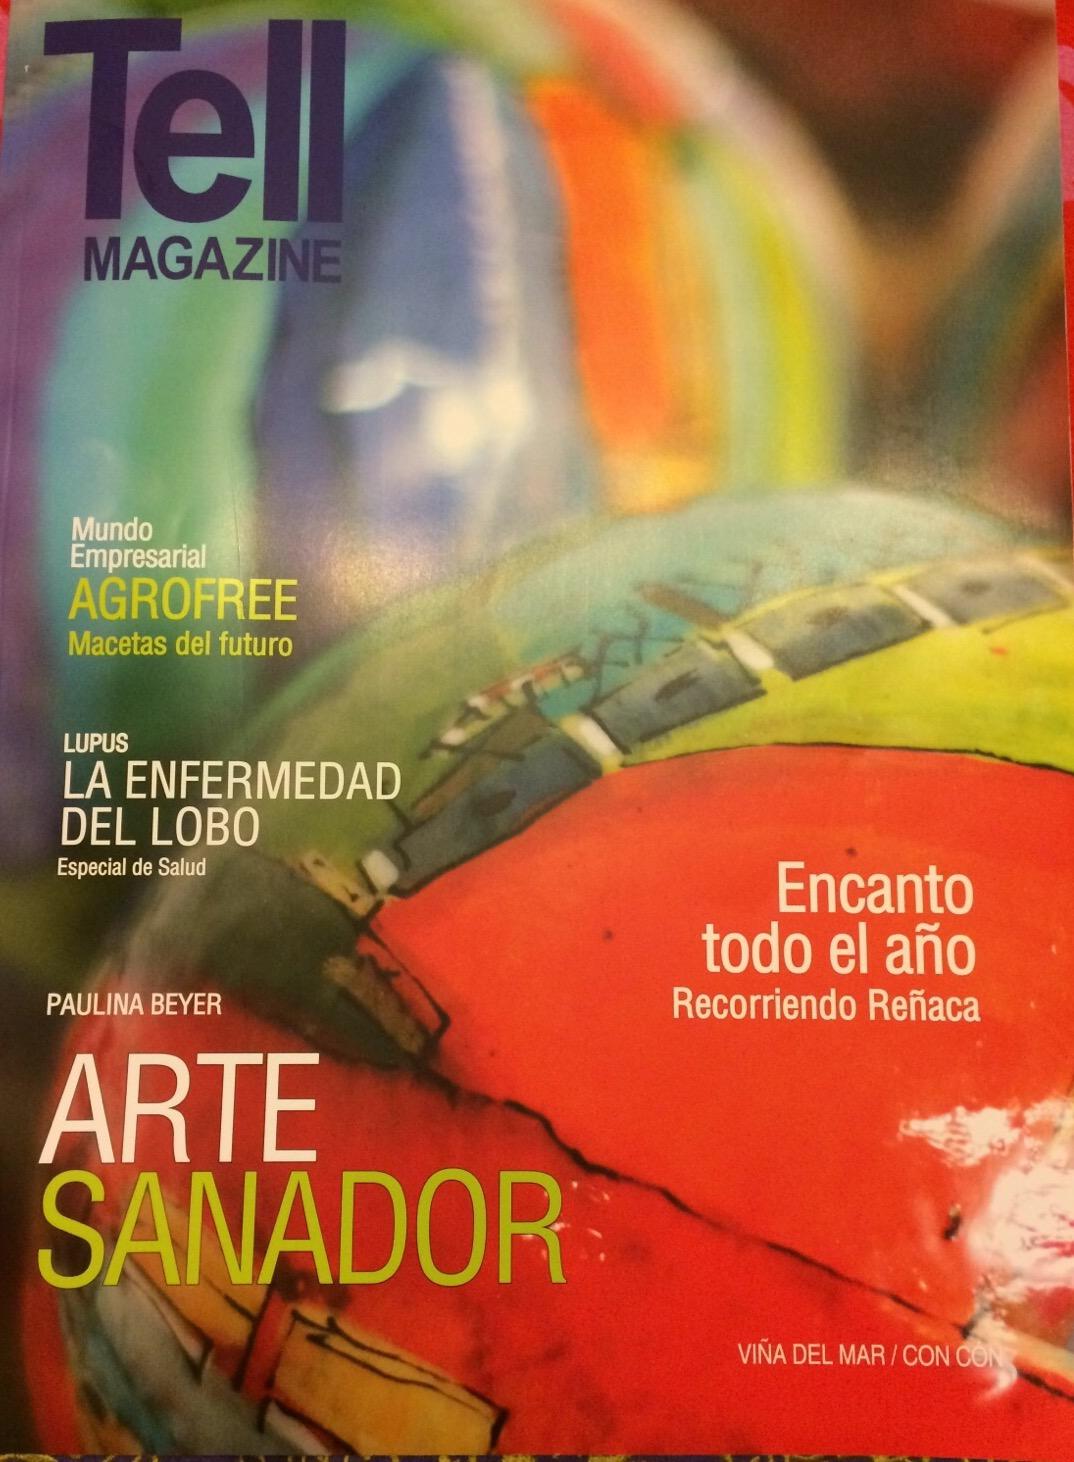 Revista Tell